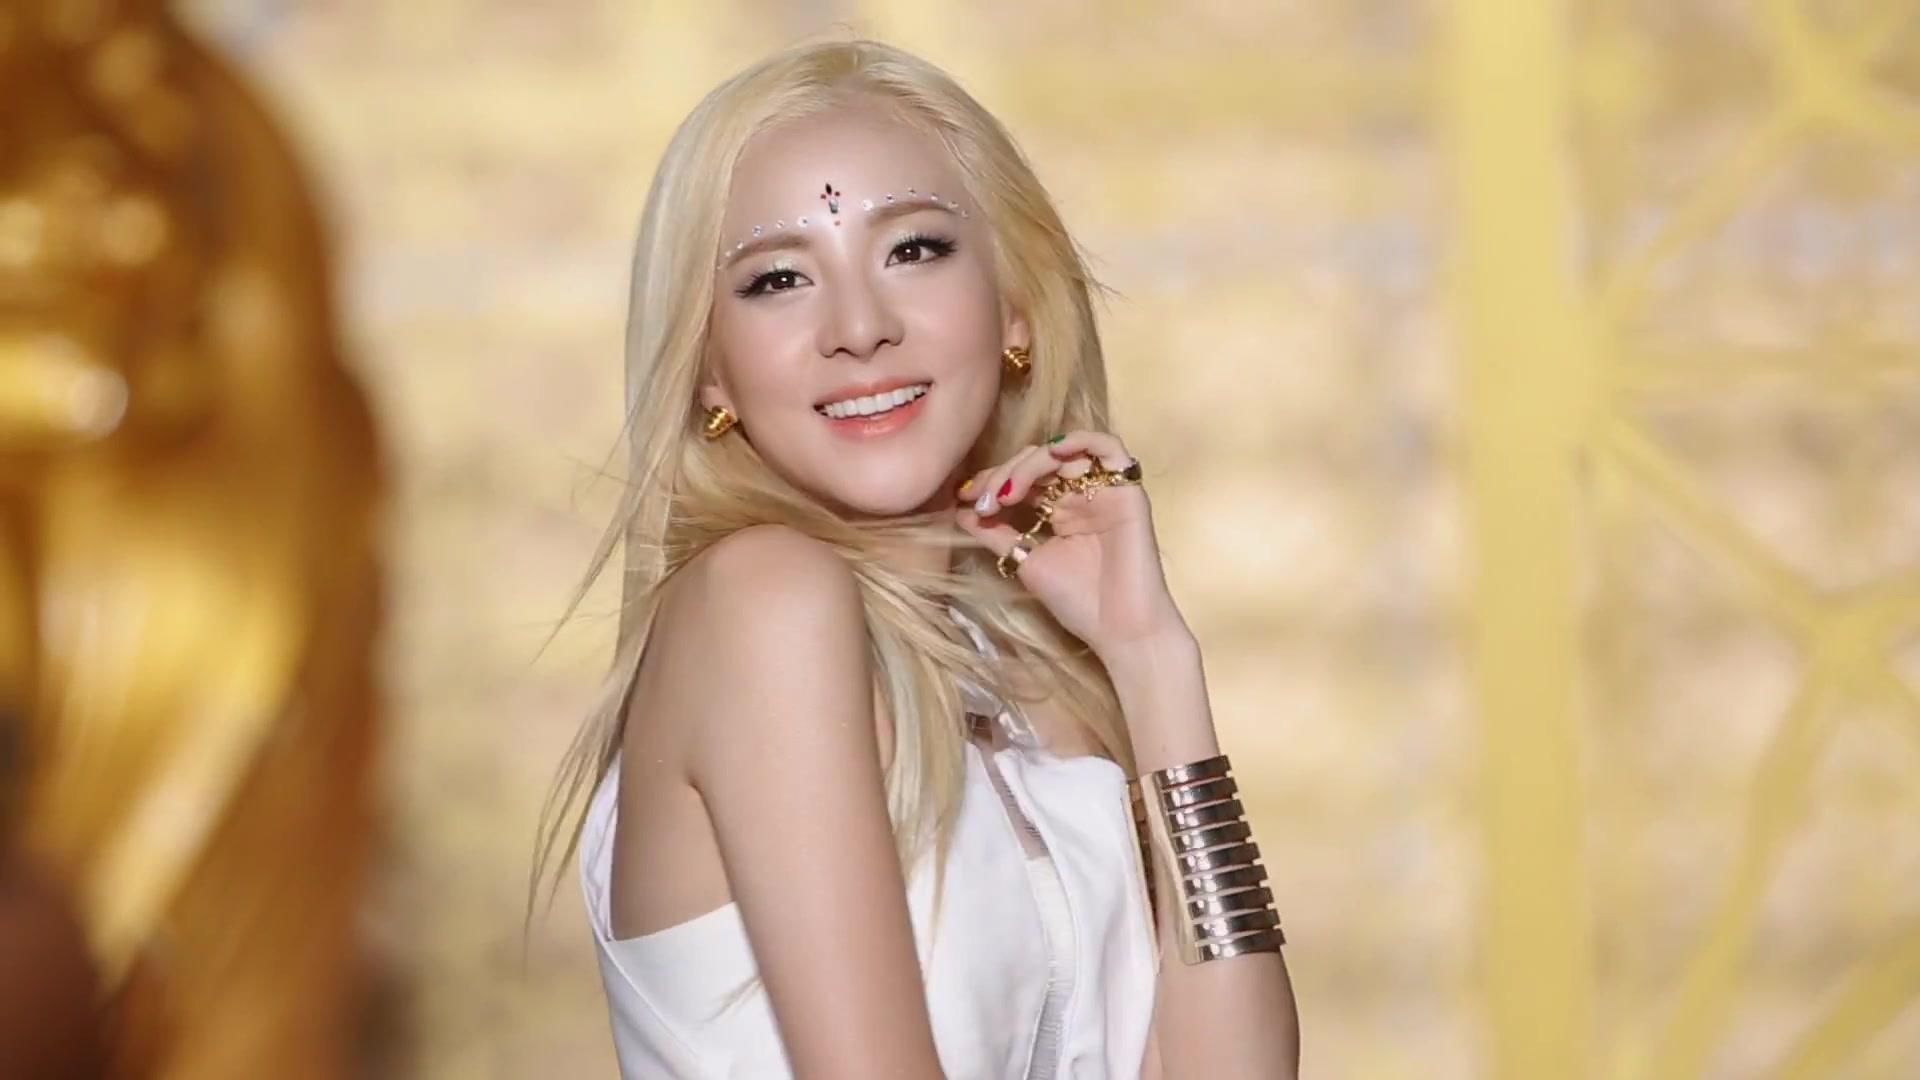 2NE1 - FALLING IN LOVE M V Making Film 3822Dara Falling In Love Nails